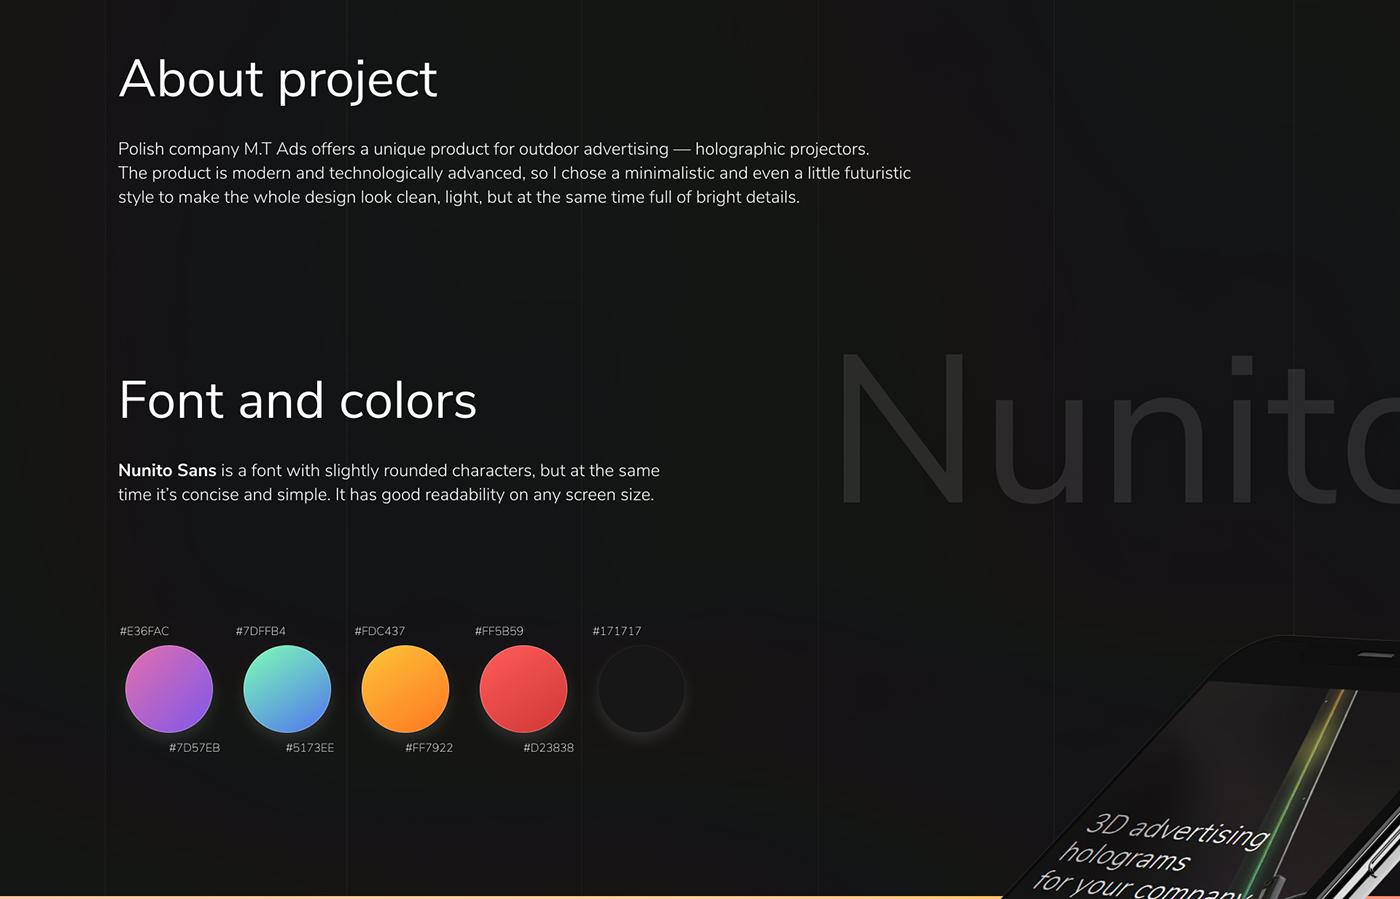 Website design ui ux tilda 3D Advertising  hologram Projector modern Technology